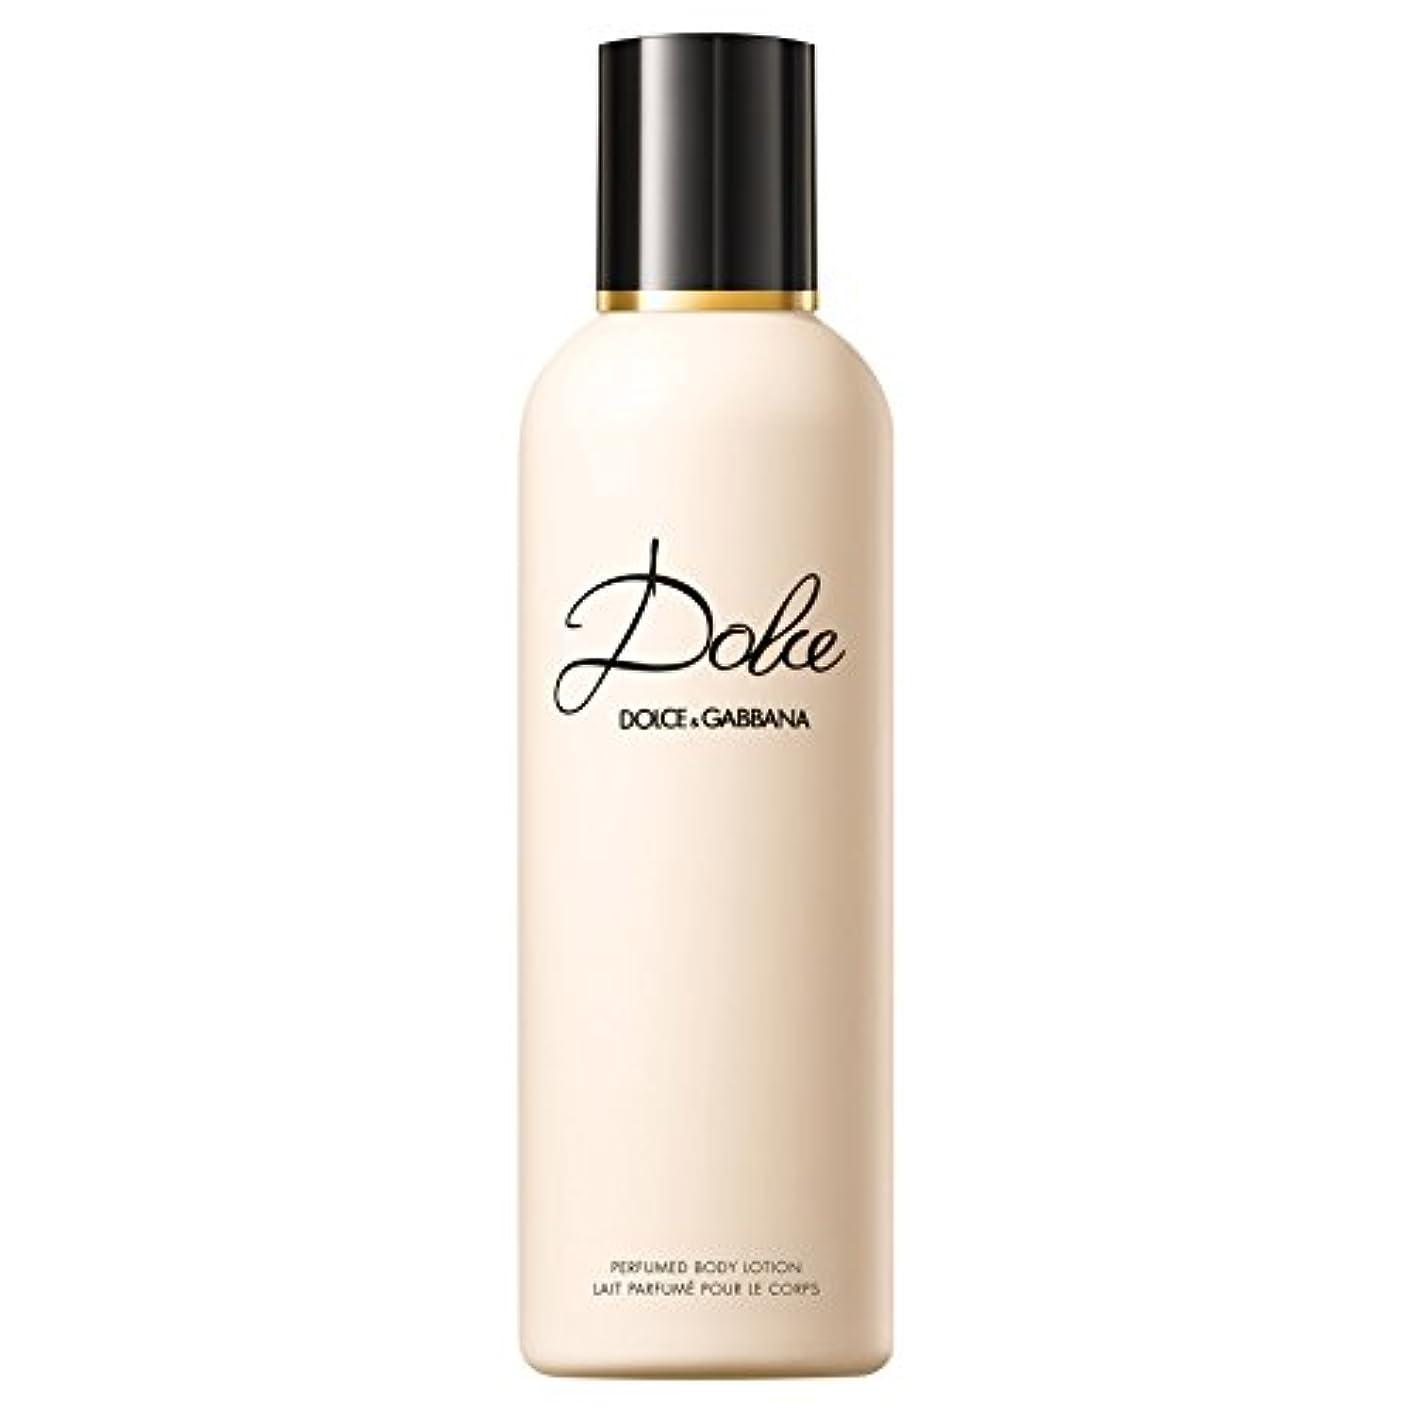 夜明けほのめかす少しドルチェ&ガッバーナドルチェのボディローション200ミリリットル (Dolce & Gabbana) (x6) - Dolce & Gabbana Dolce Body Lotion 200ml (Pack of 6)...